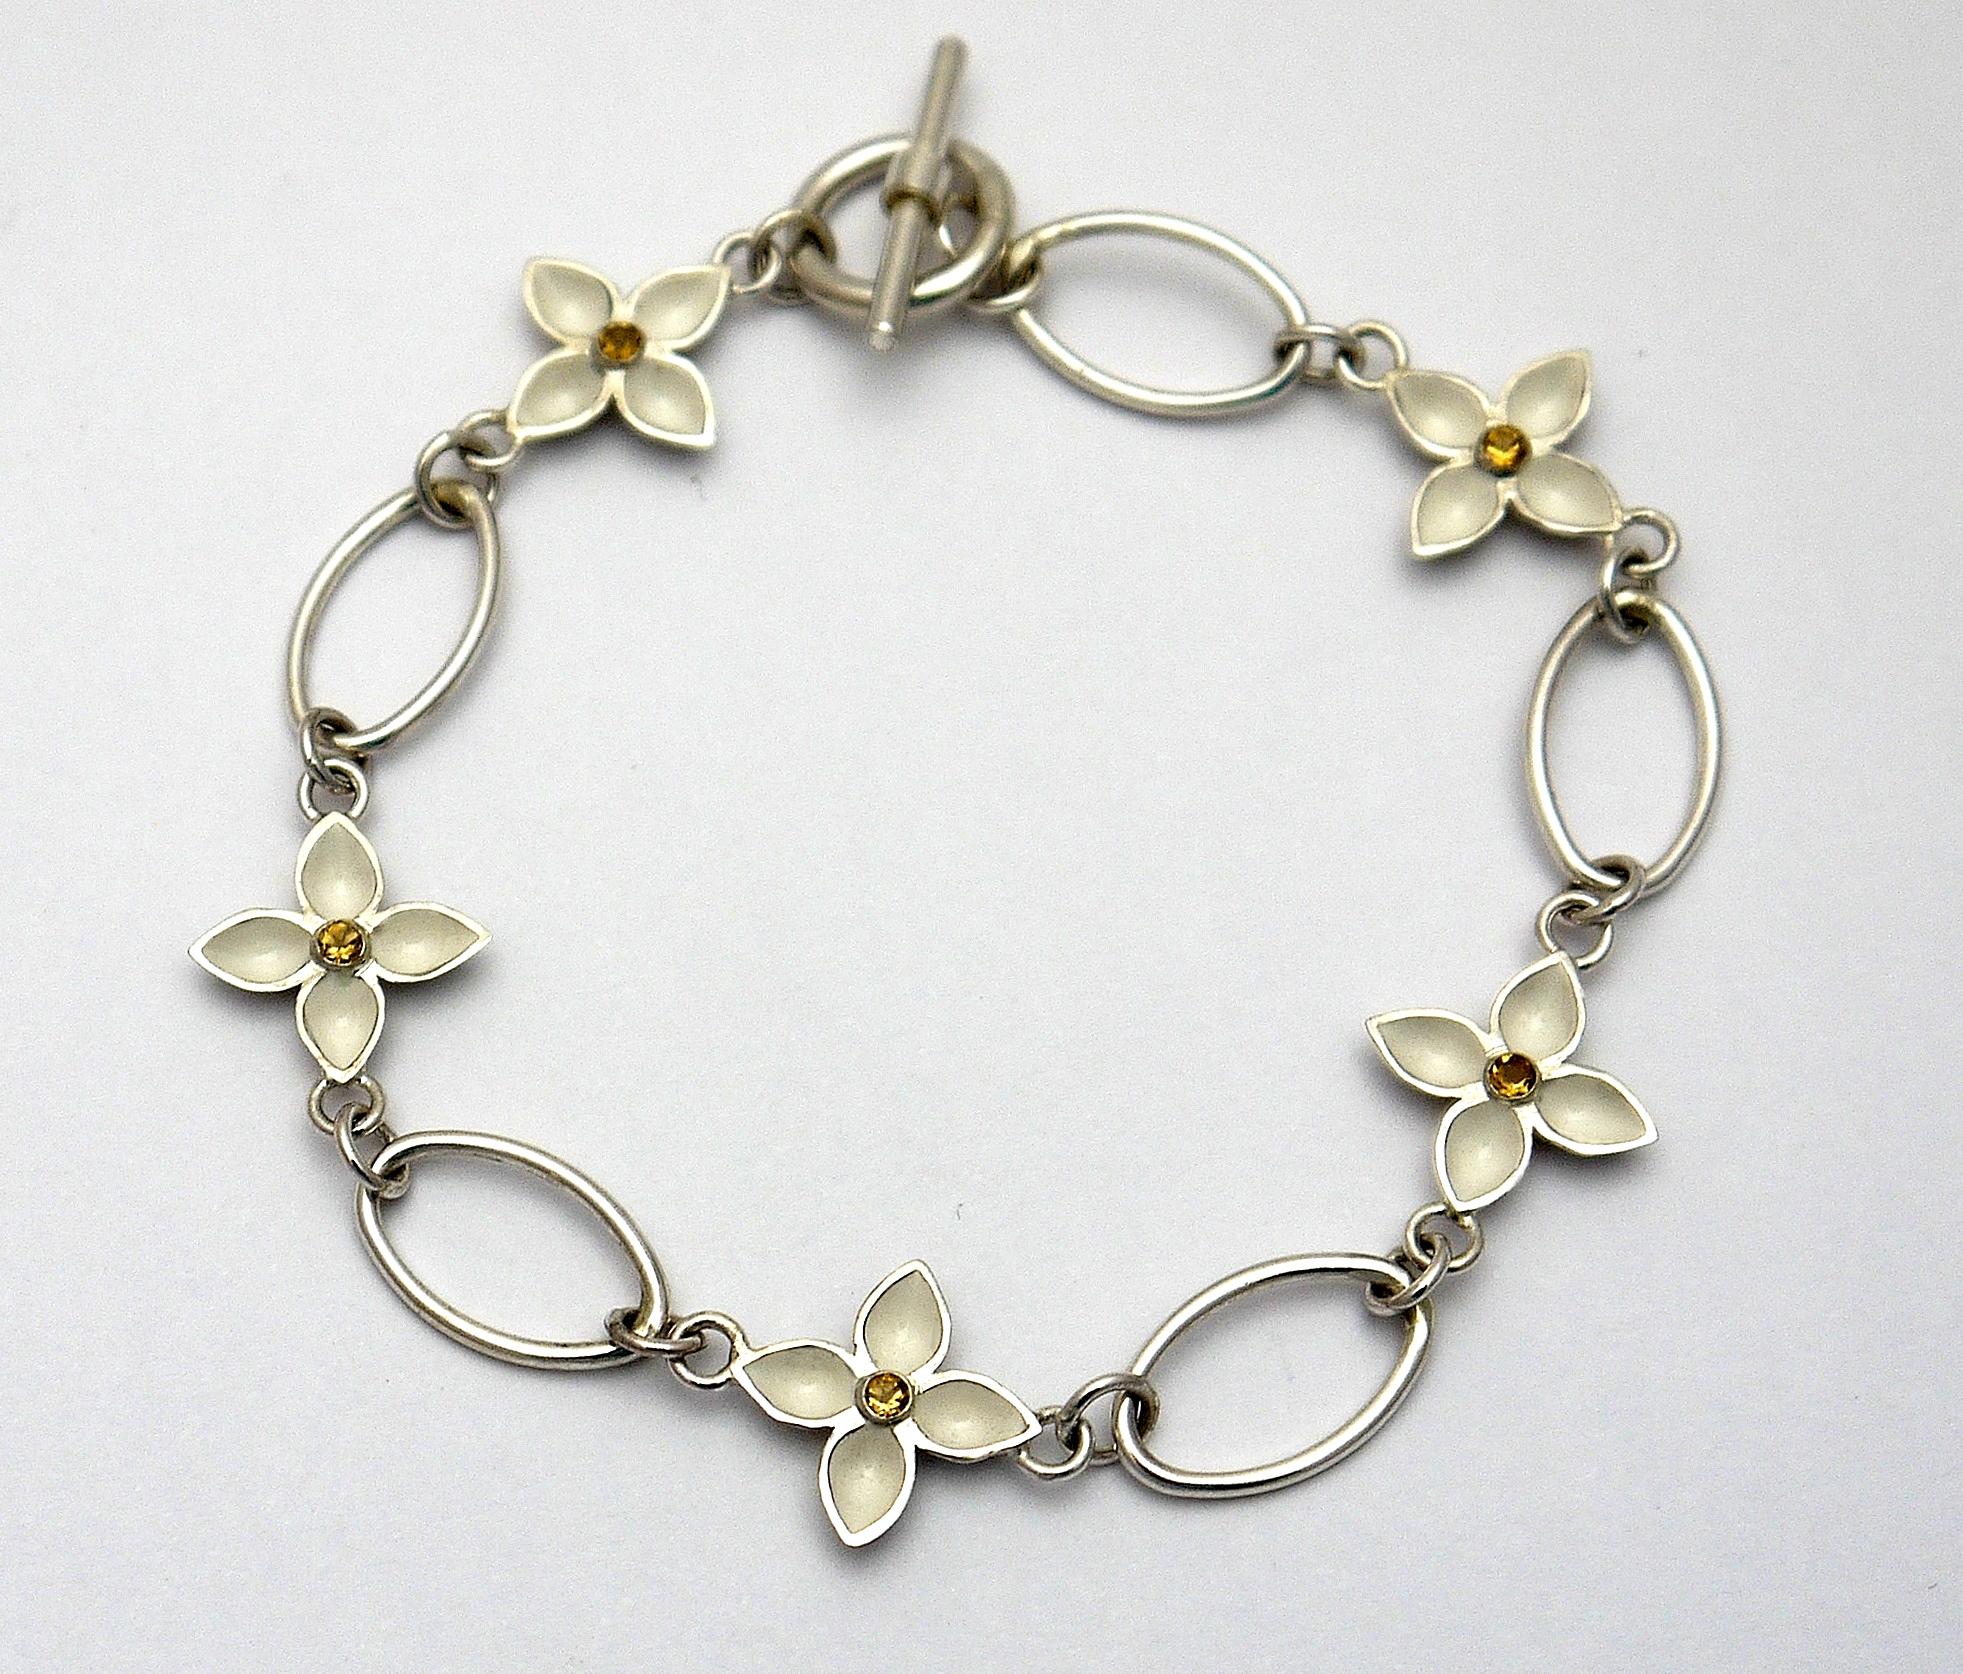 gentian chain bracelet